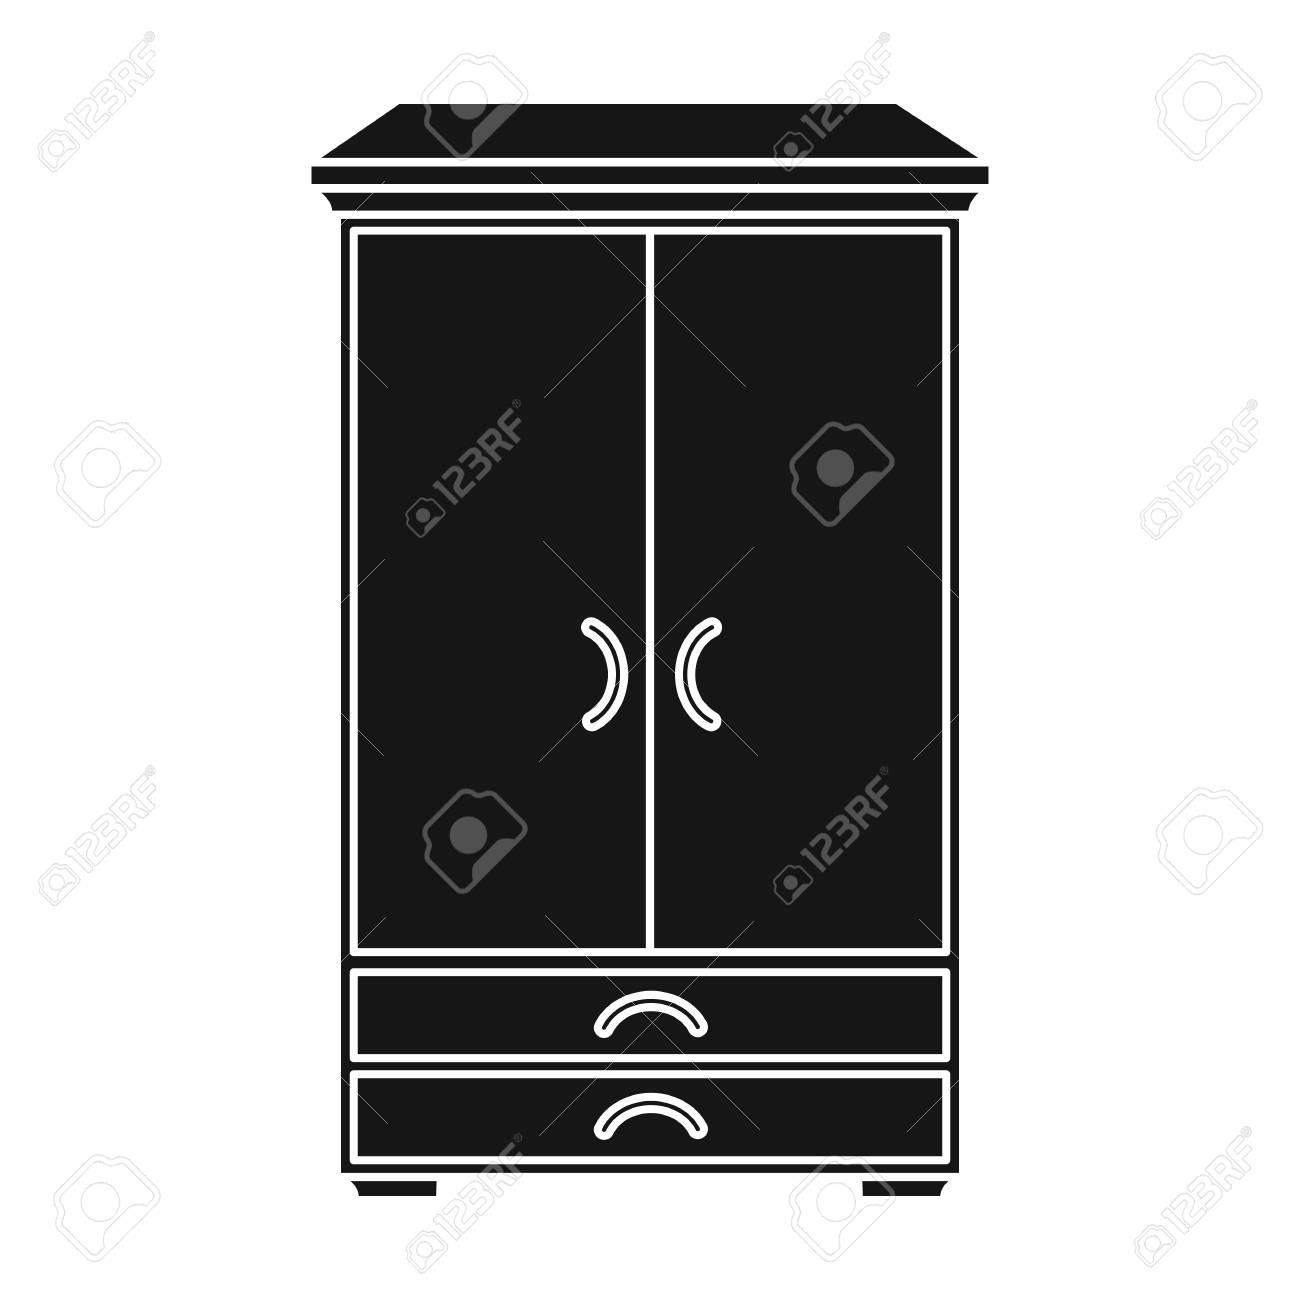 Icono De Estilo Armario En Negro Sobre Fondo Blanco. Los Muebles Y ...